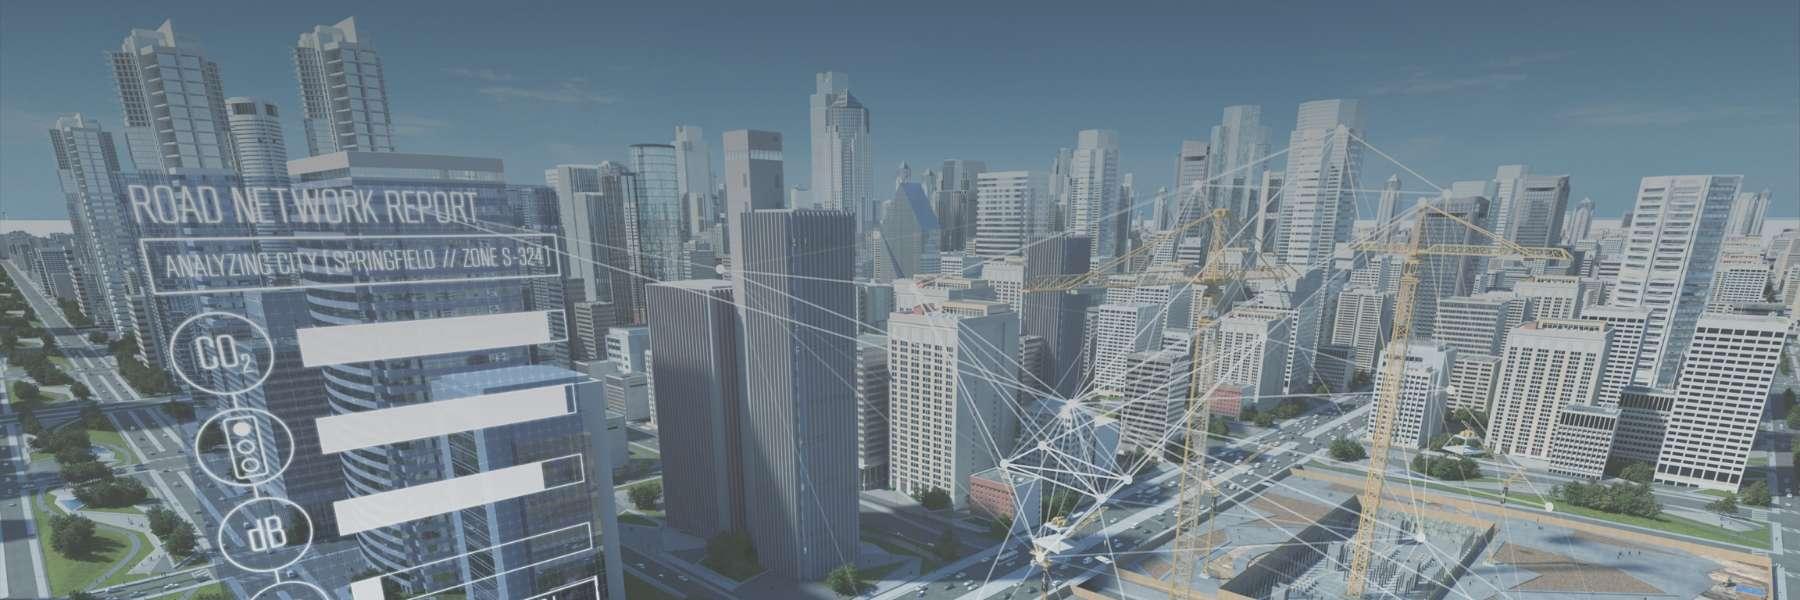 Adottare il BIM nella progettazione architettonica e di infrastrutture